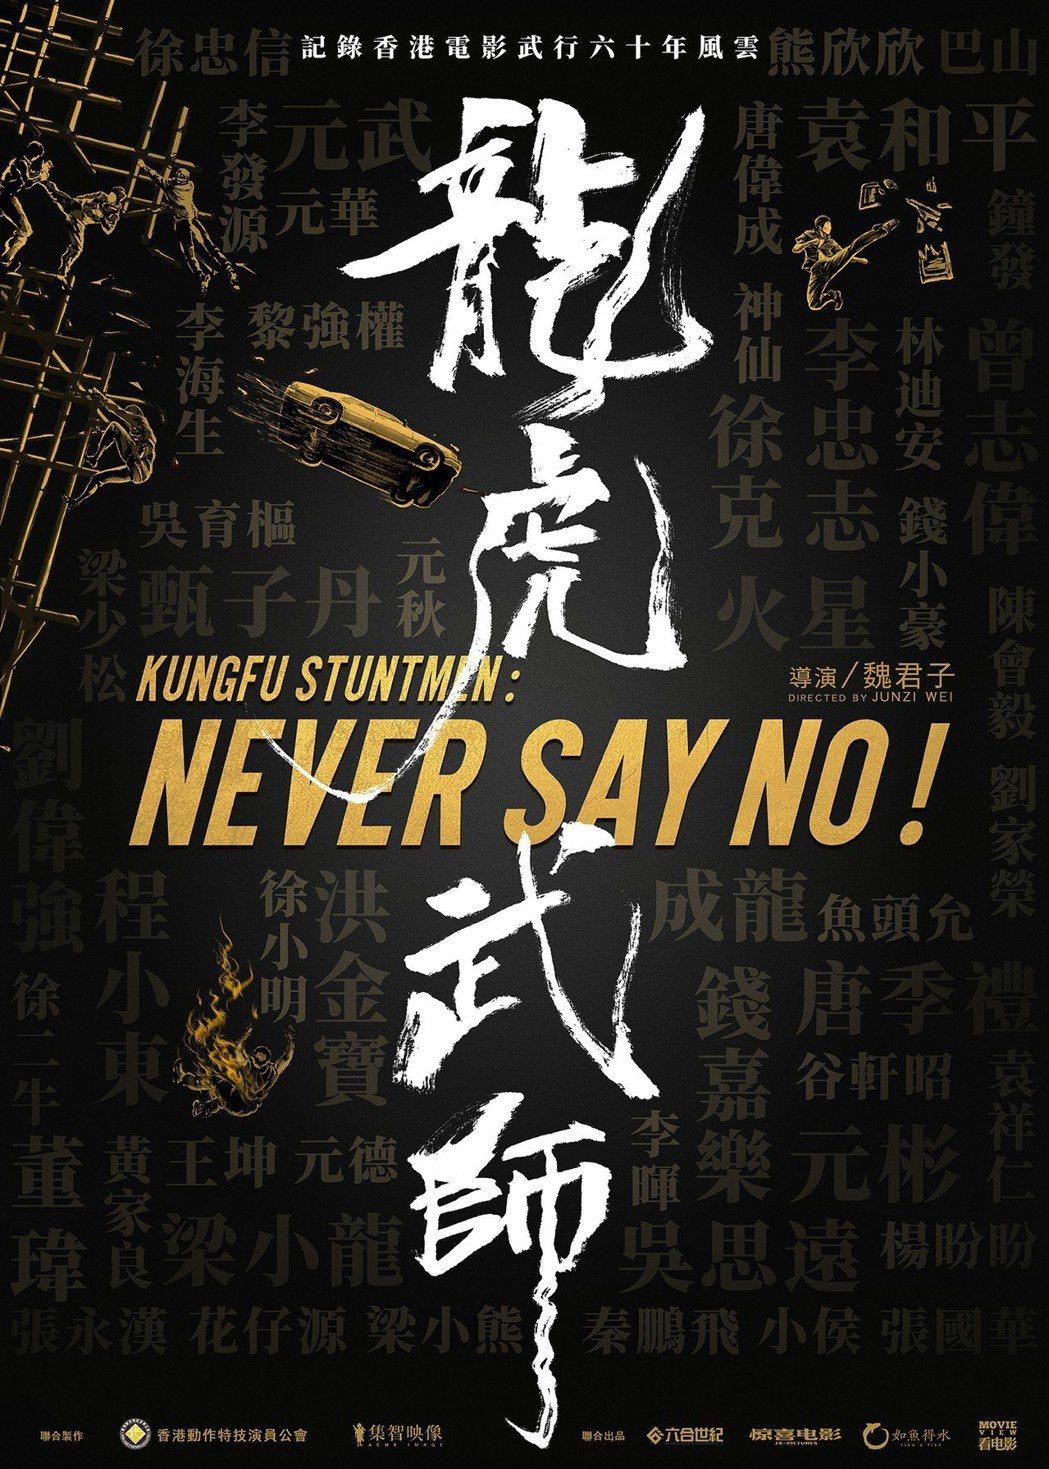 海報上的四個大字為劉德華所寫。圖/香港動作特技演員公會提供